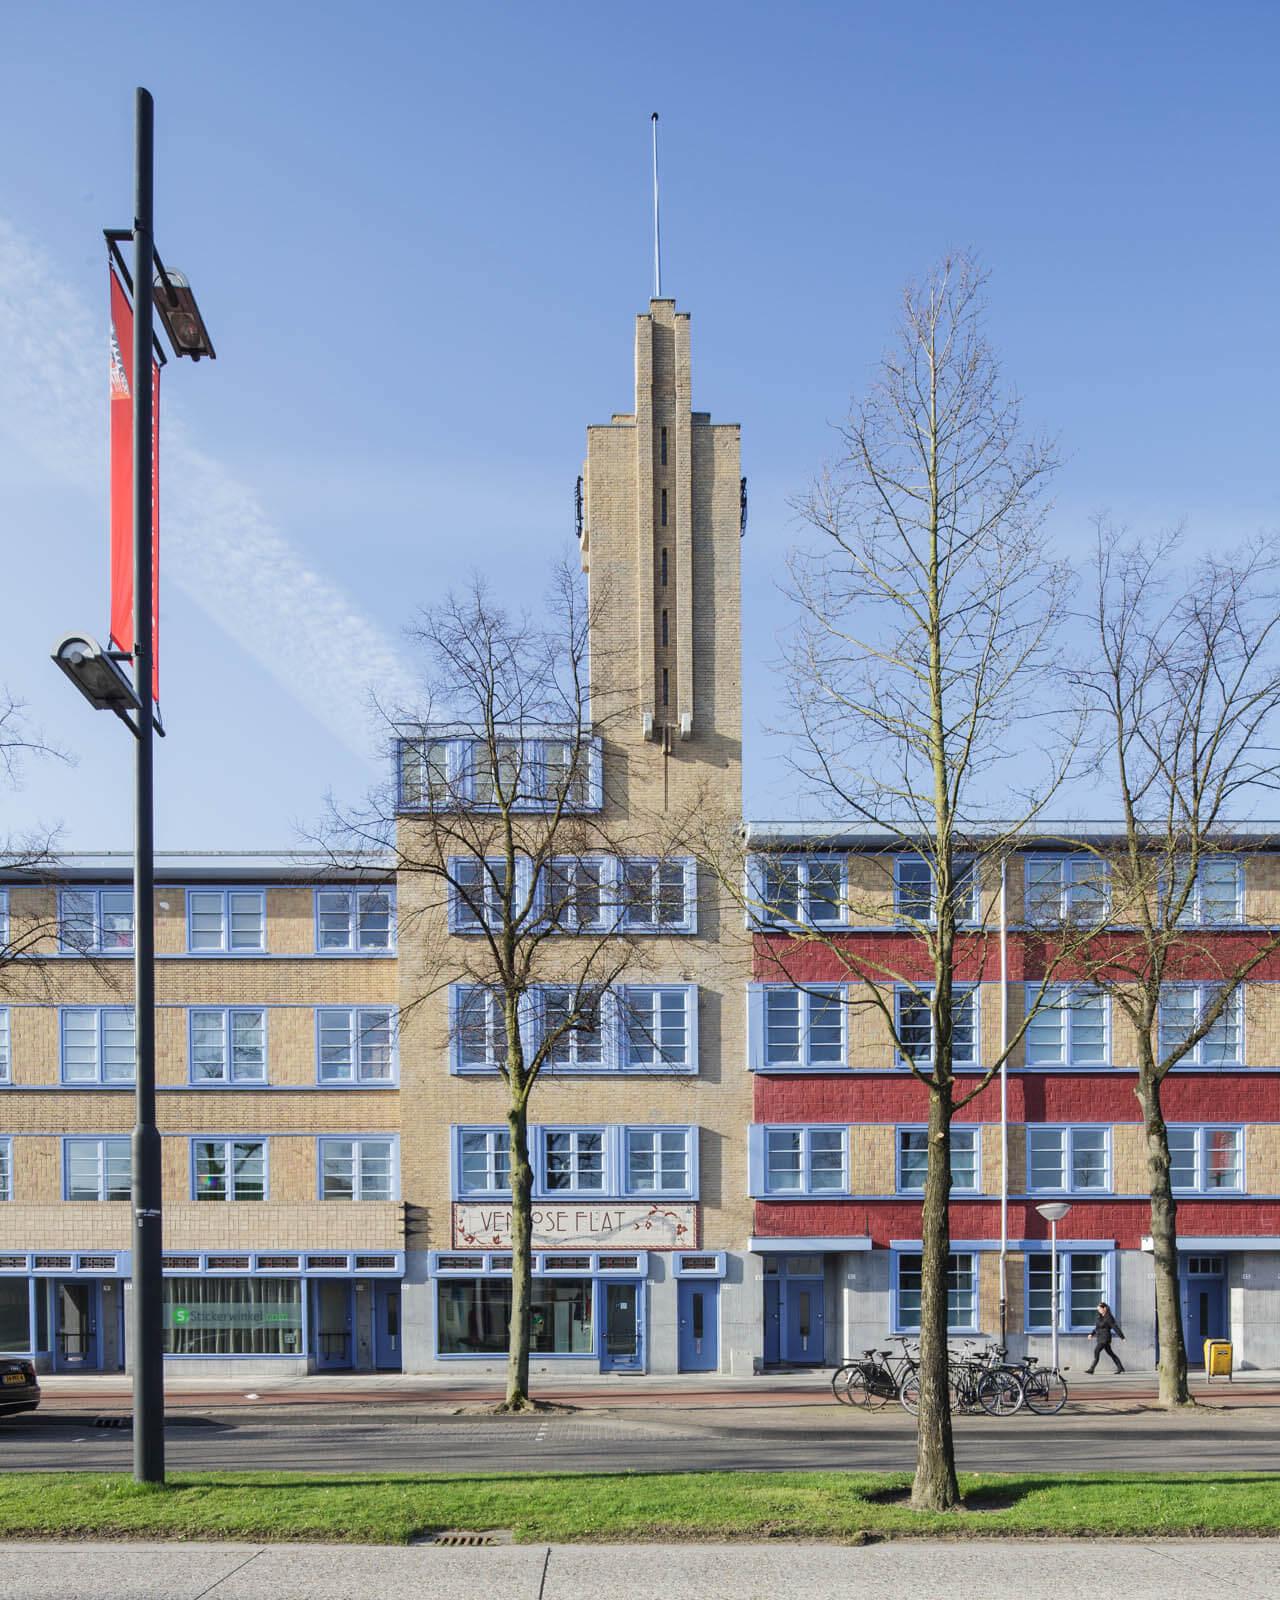 Eindhoven restauratie woningbouw maisonettewoning boilertoren monument Philips Mathildelaan PSV TAC Van der Mey Amsterdamse School fabriek sigarenfabriek schoorsteen